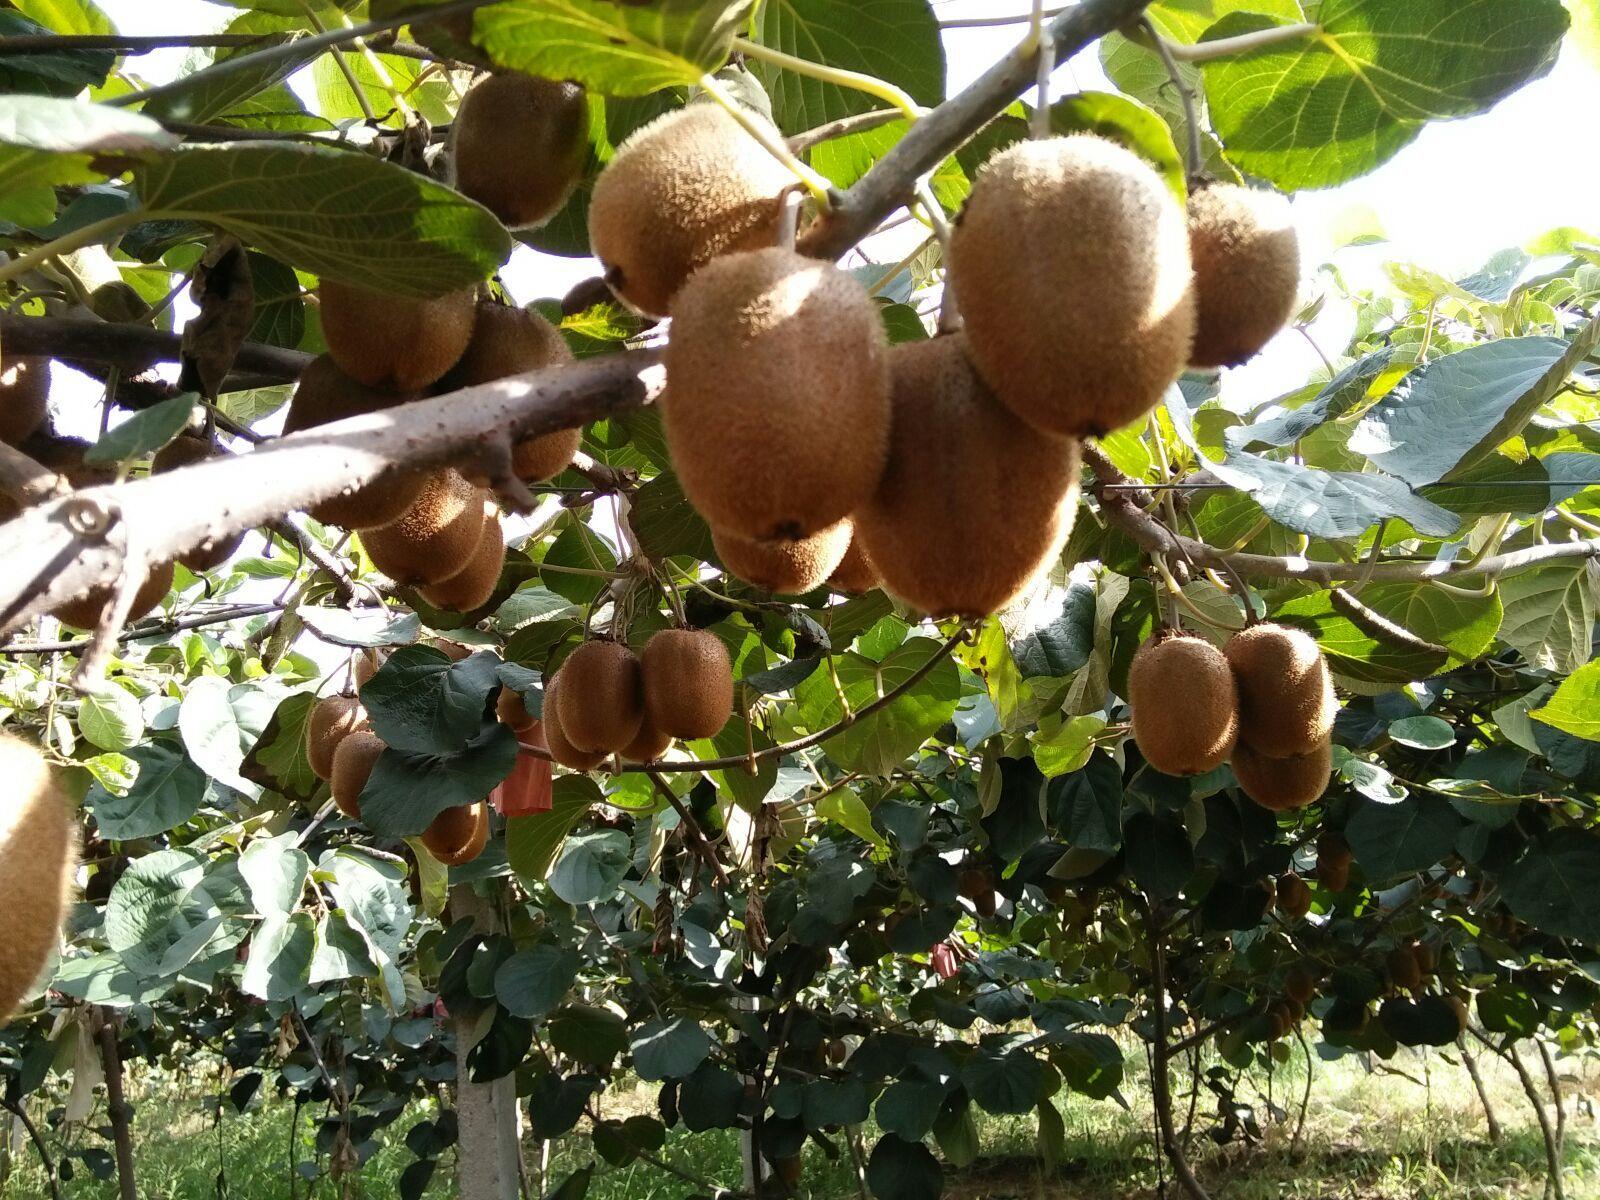 猕猴桃有机肥施肥技术方法